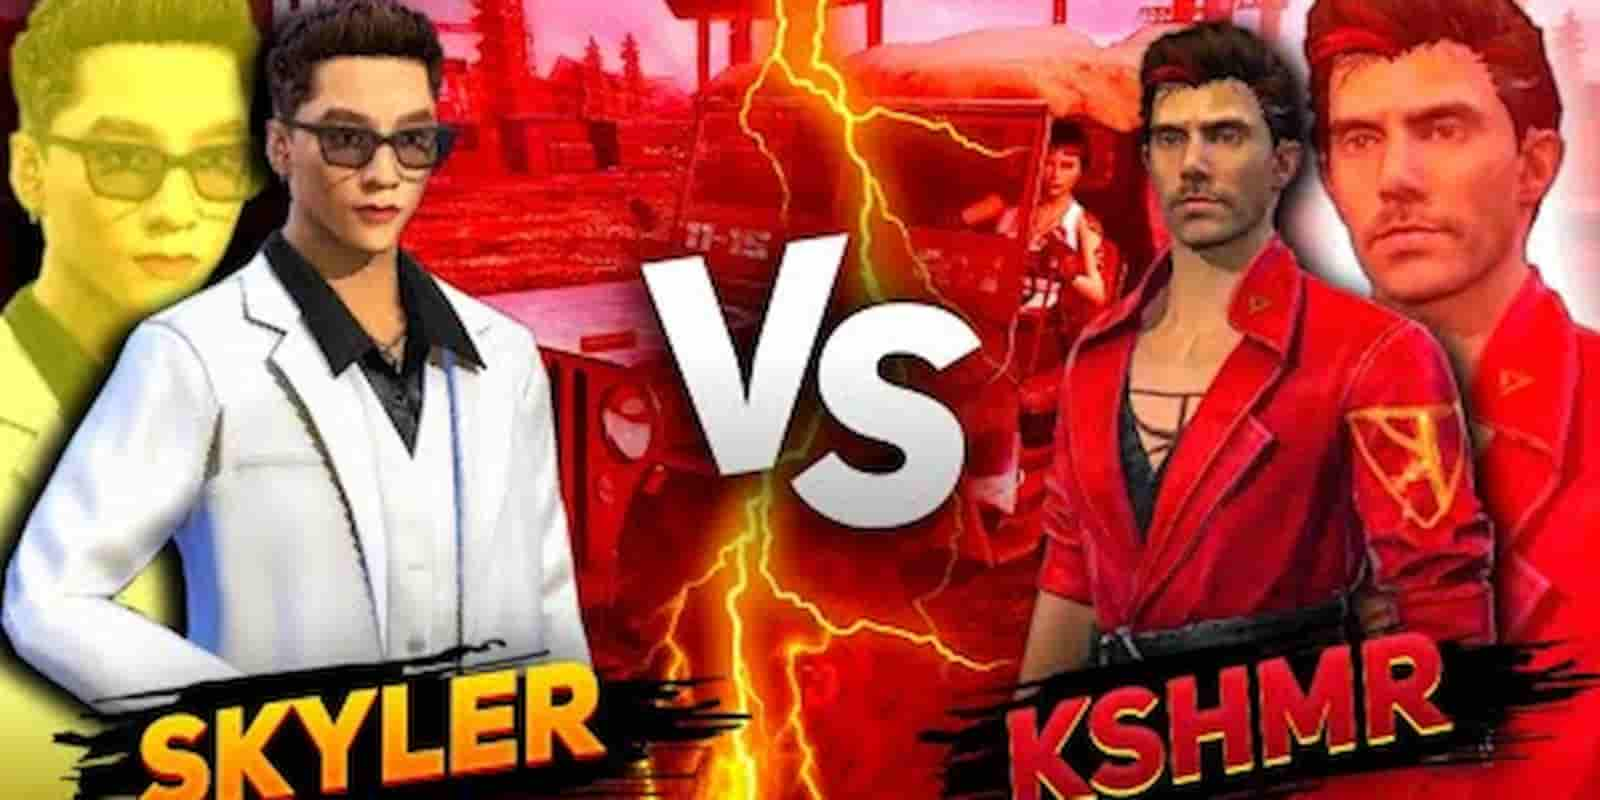 Skyler vs KSHMR (K)